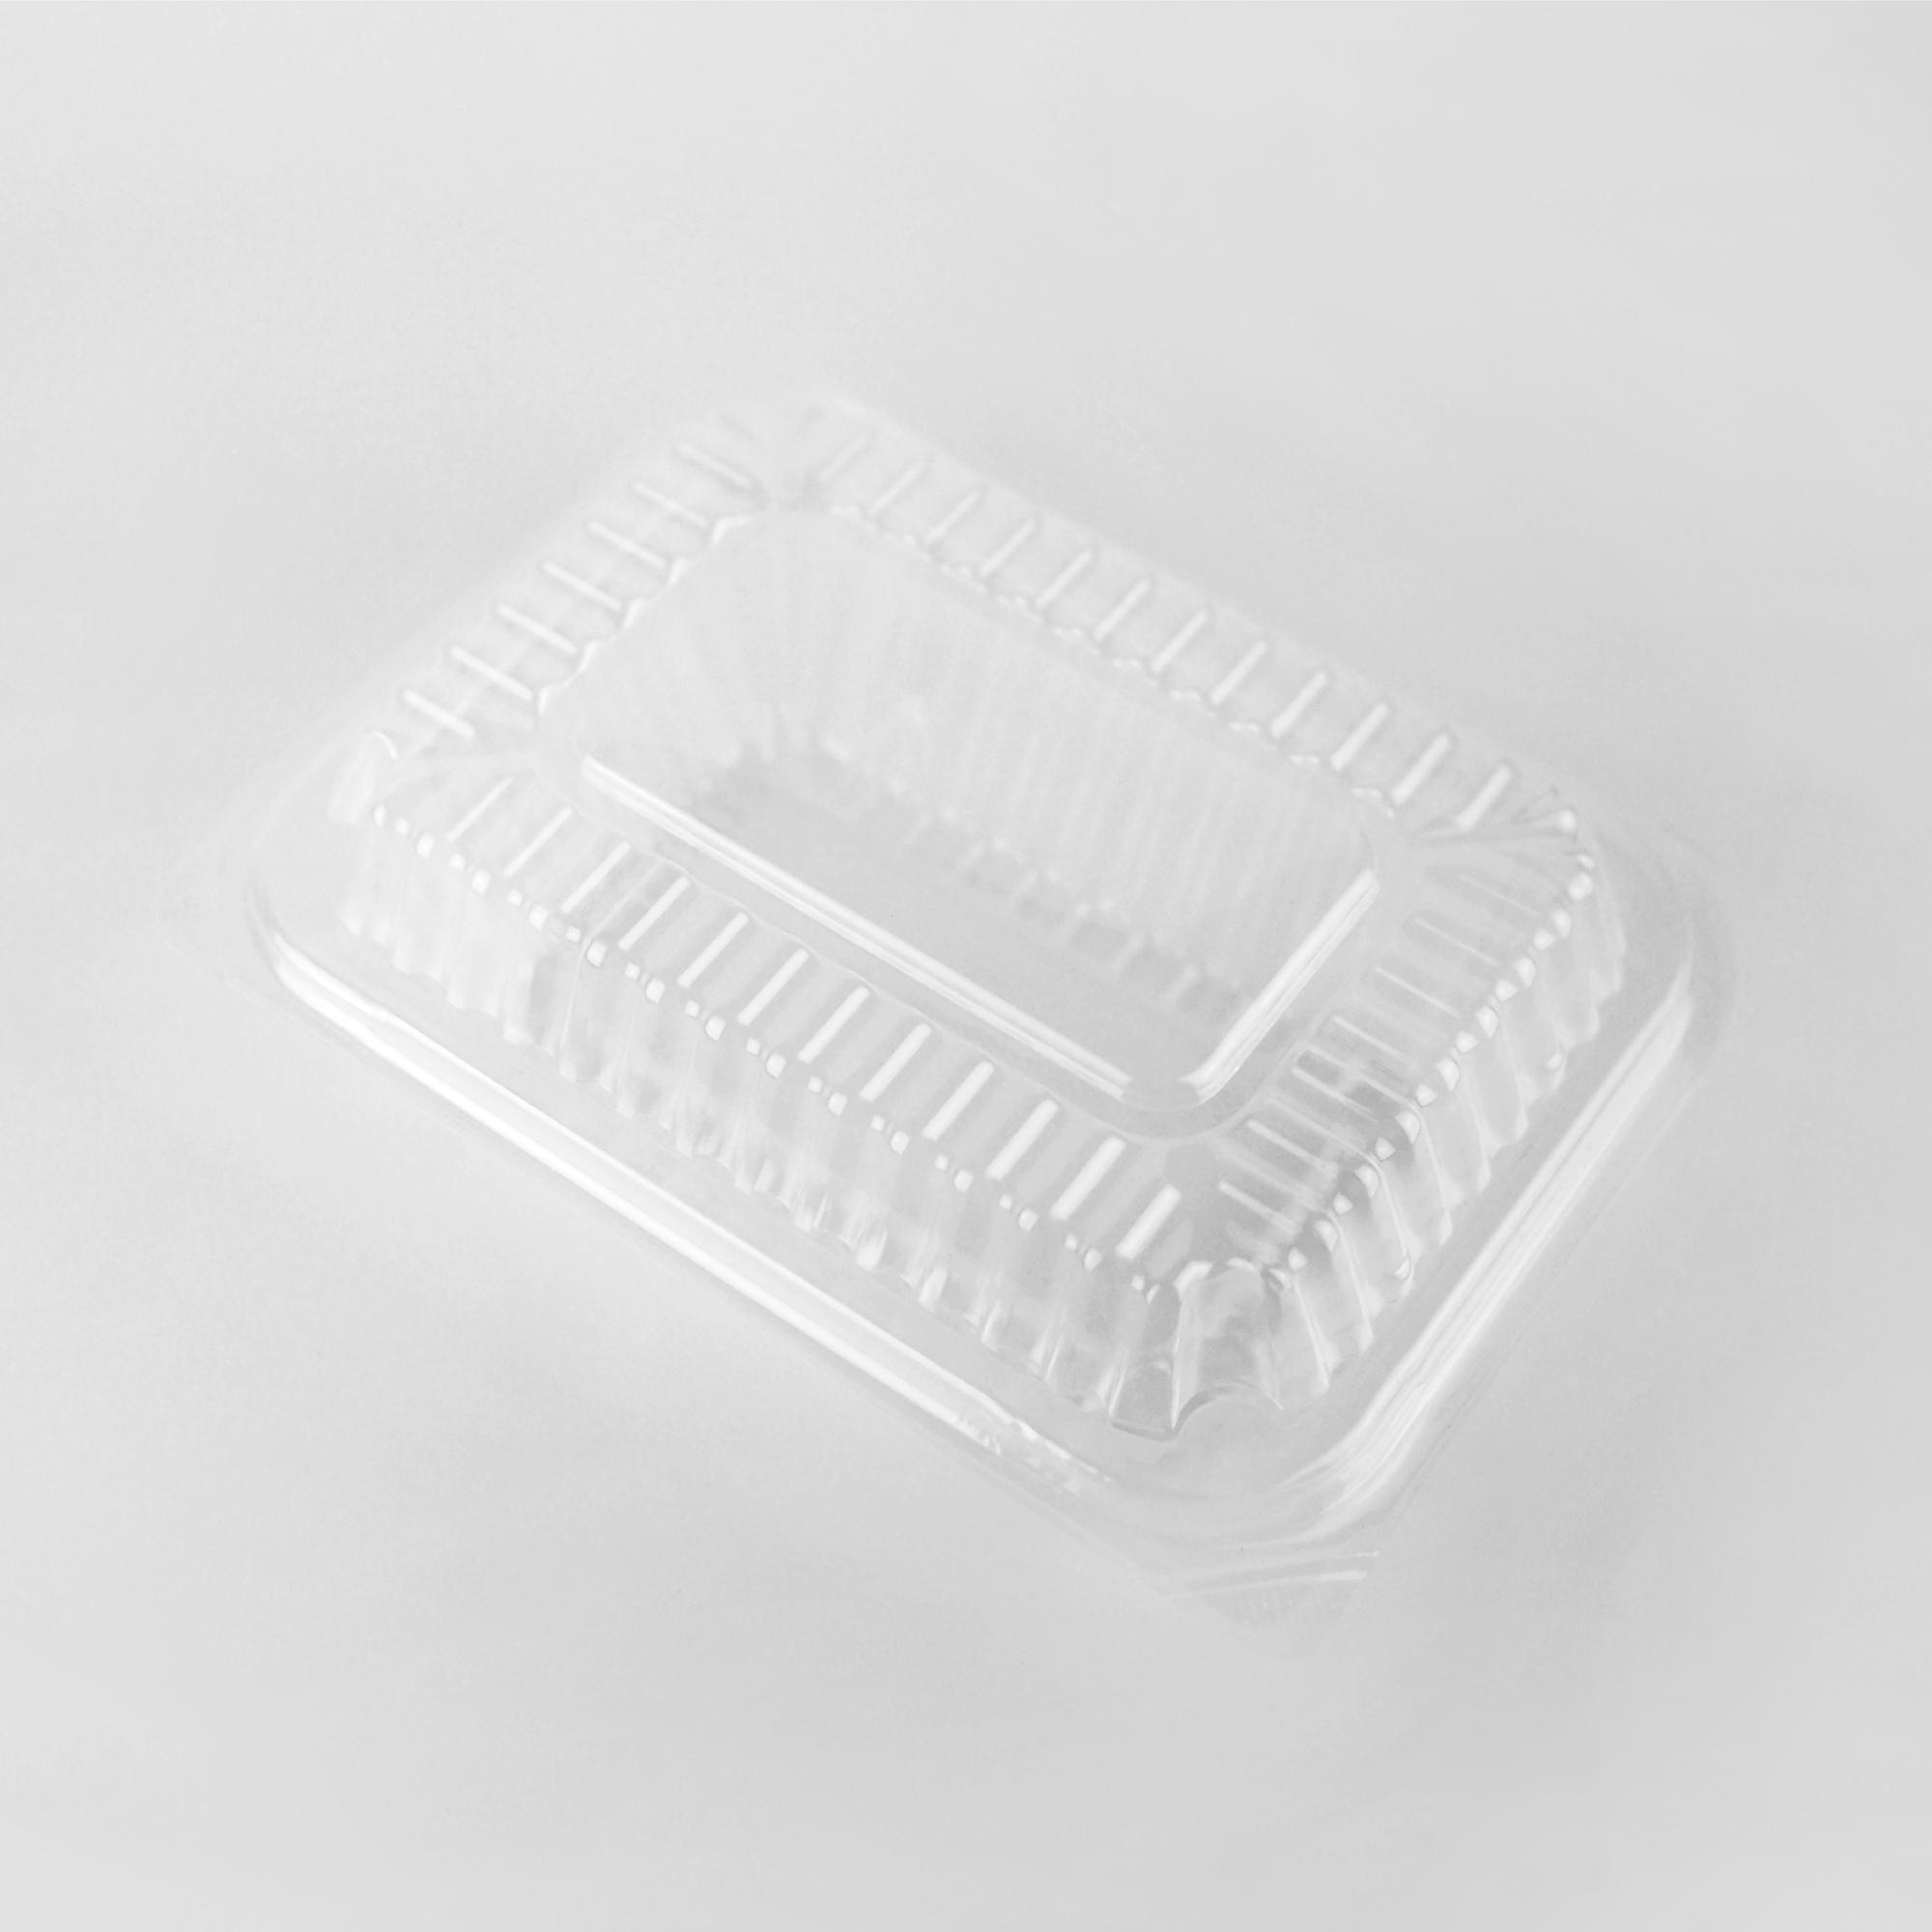 กล่องอาหารพลาสติกฝาพับ 1 ช่อง simple 600ml